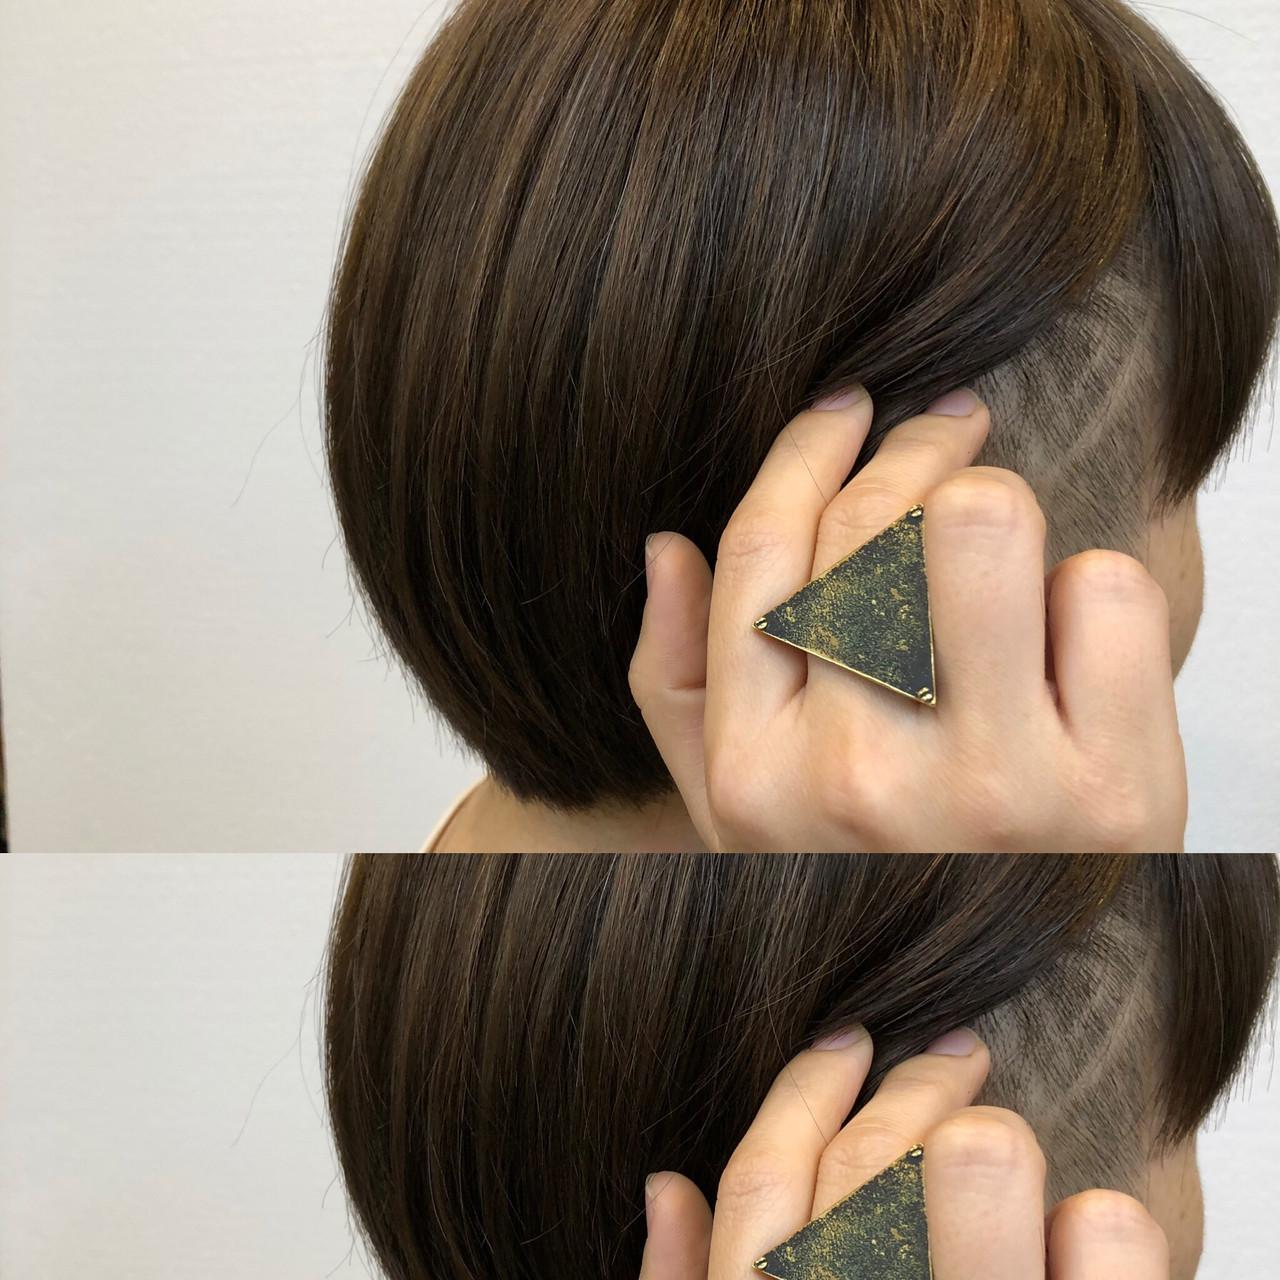 ハイライト ラインアート ショート アディクシーカラー ヘアスタイルや髪型の写真・画像